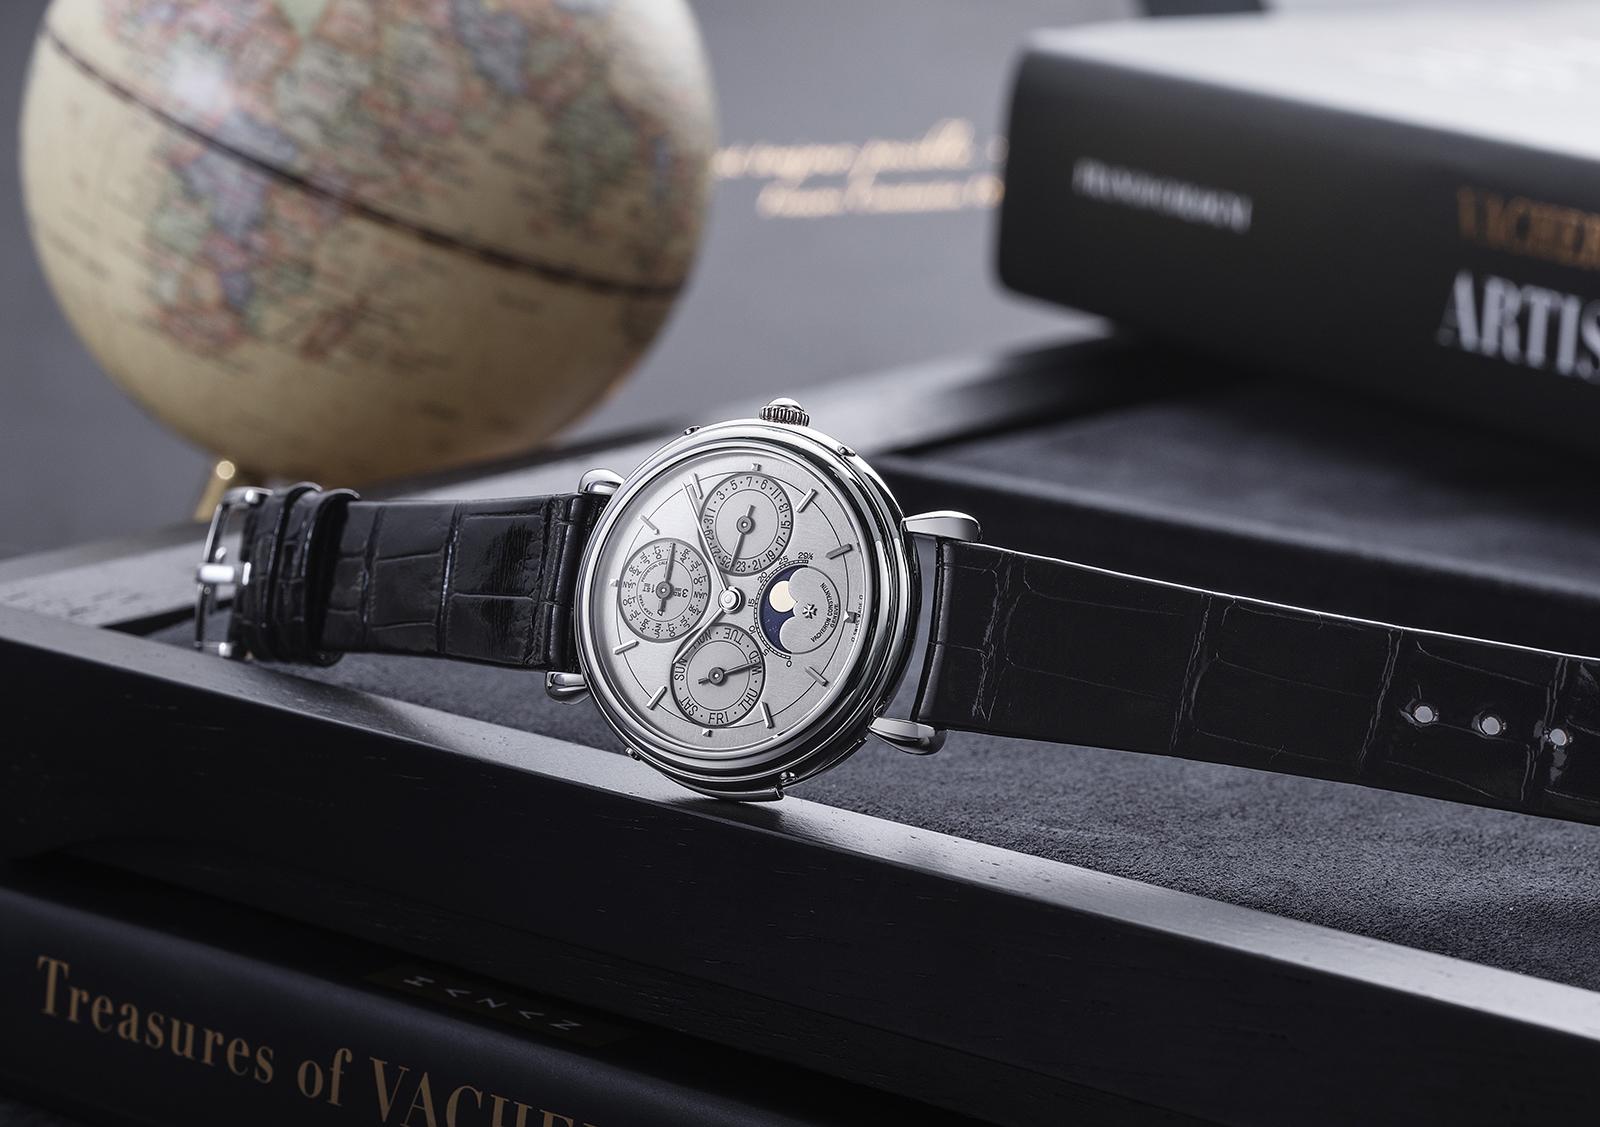 Les Collectionneurs timepiece